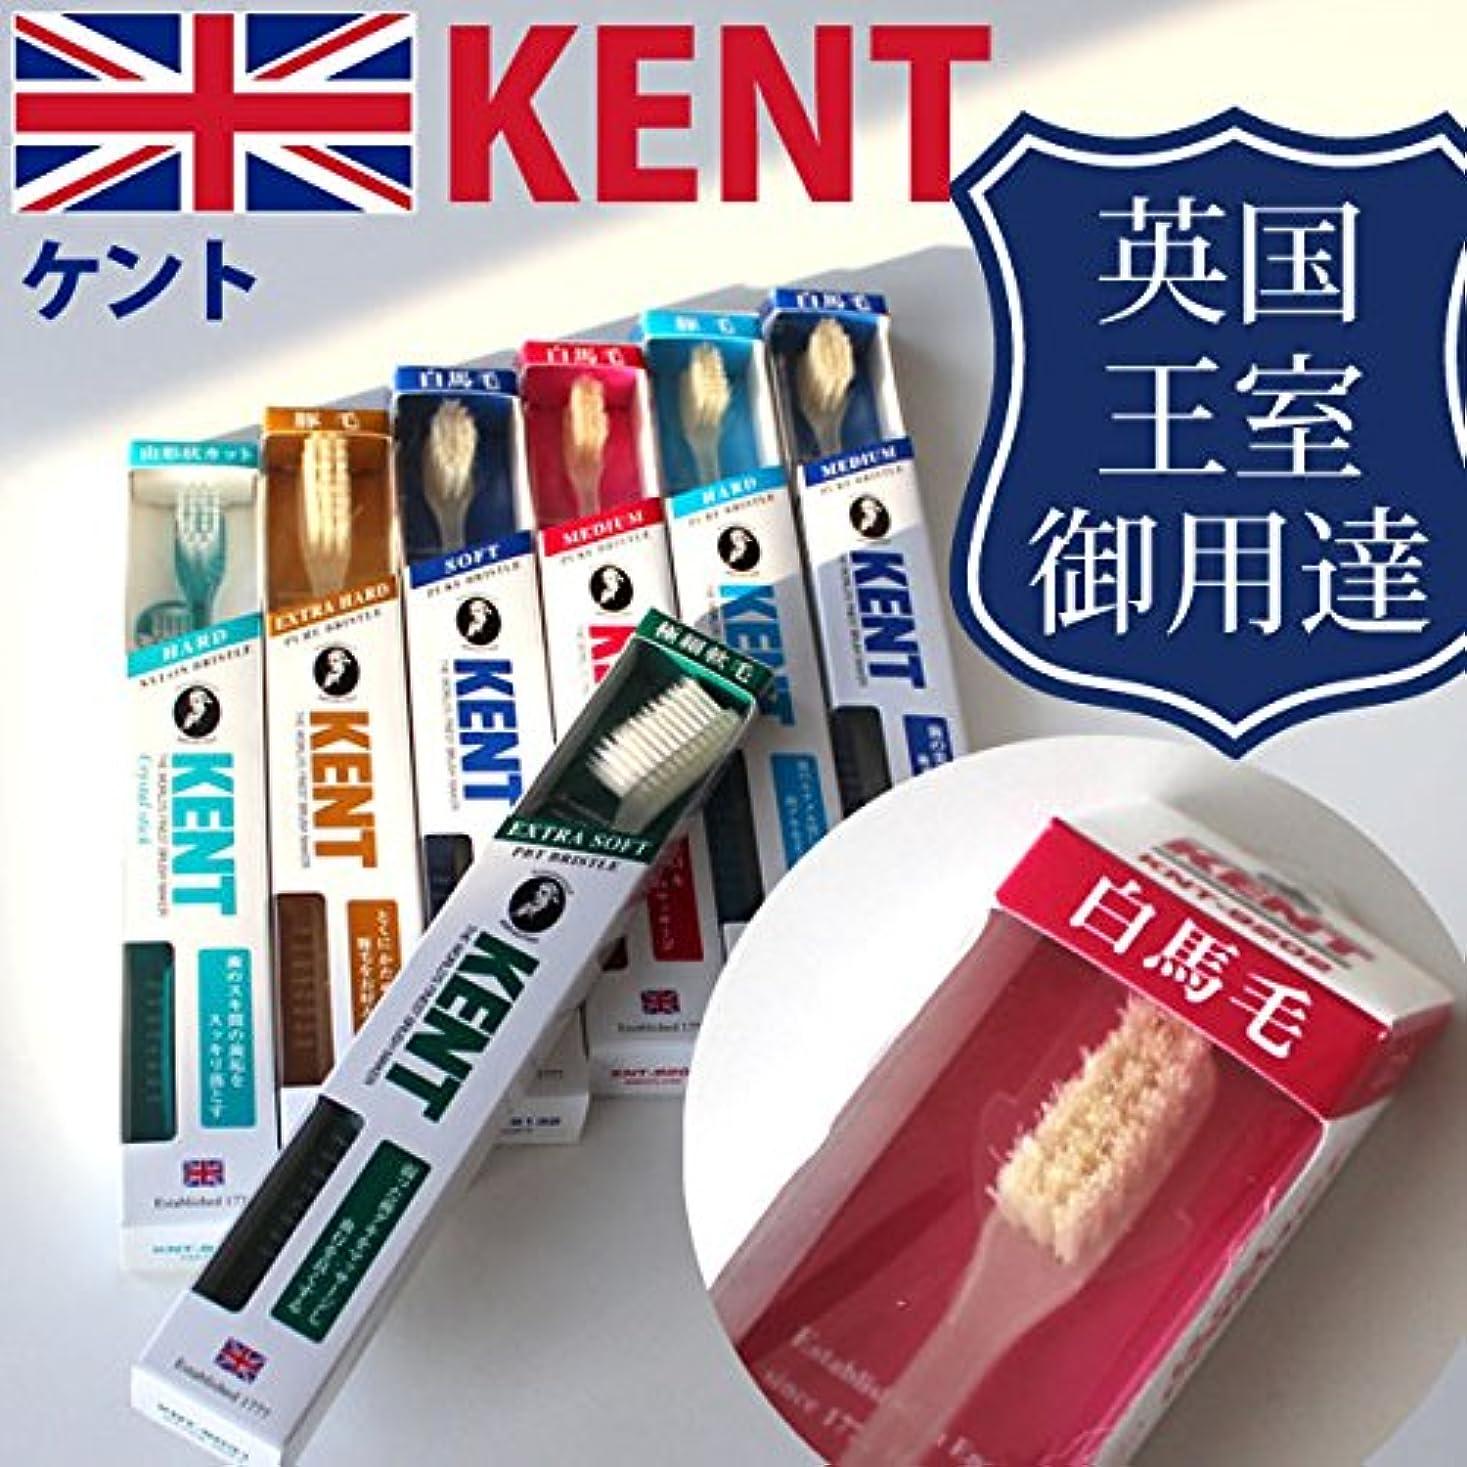 マーチャンダイジング安息ダーリンケント KENT 白馬毛 超コンパクト歯ブラシ KNT-9102/9202 6本入り 他のコンパクトヘッドに比べて歯 ふつう